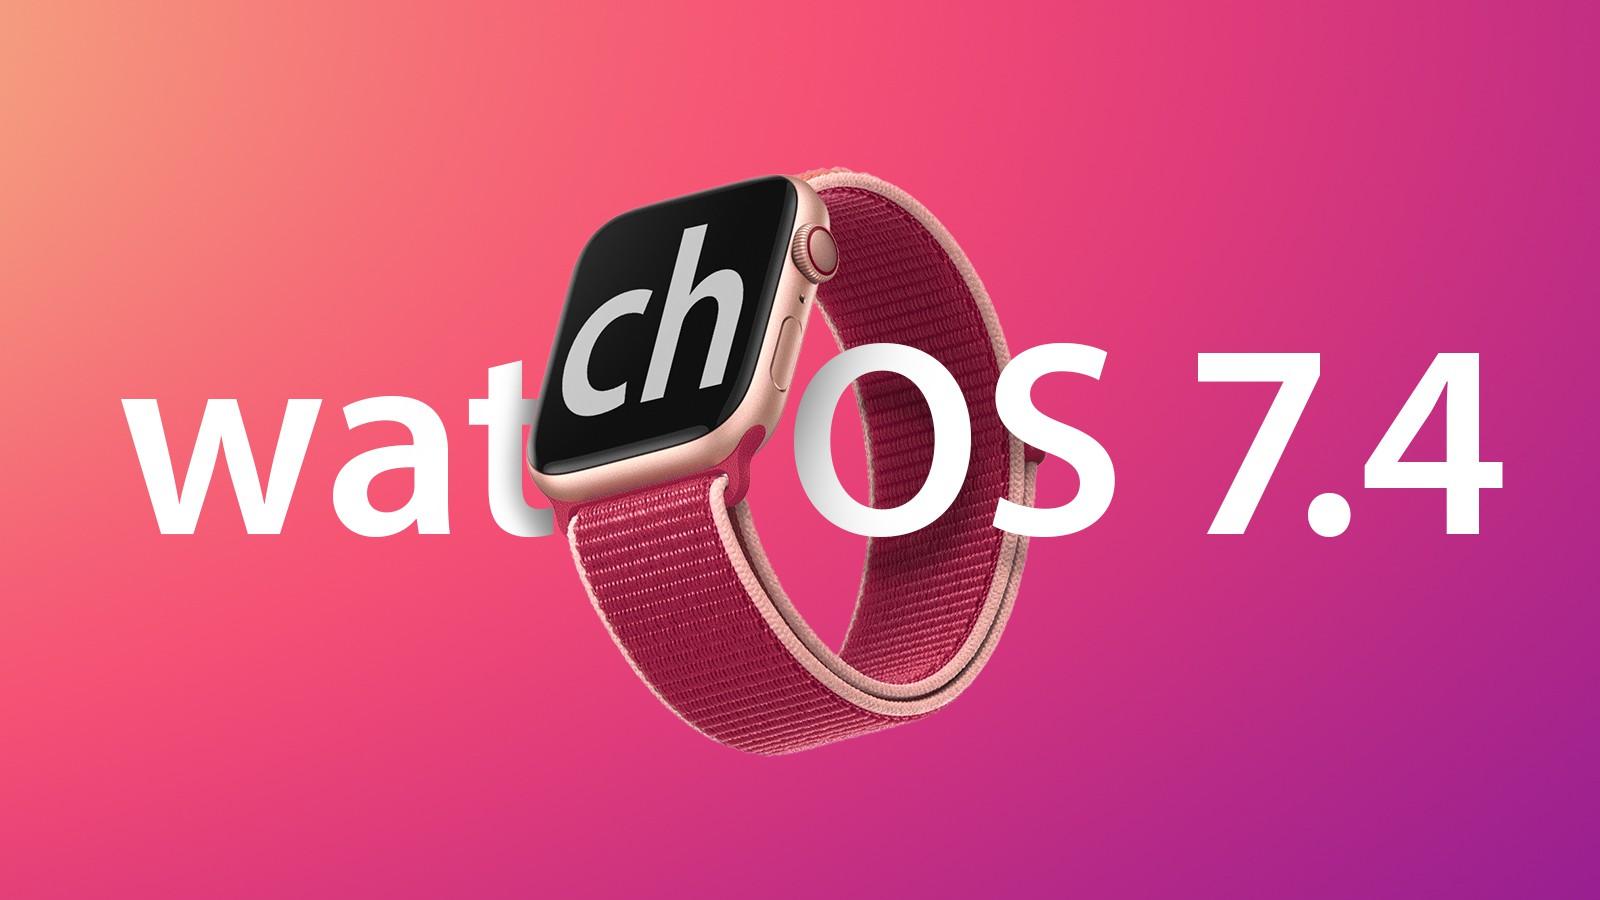 苹果发布iOS 14.5 beta 7: 优化细节,为广告主提供新的广告追踪技术